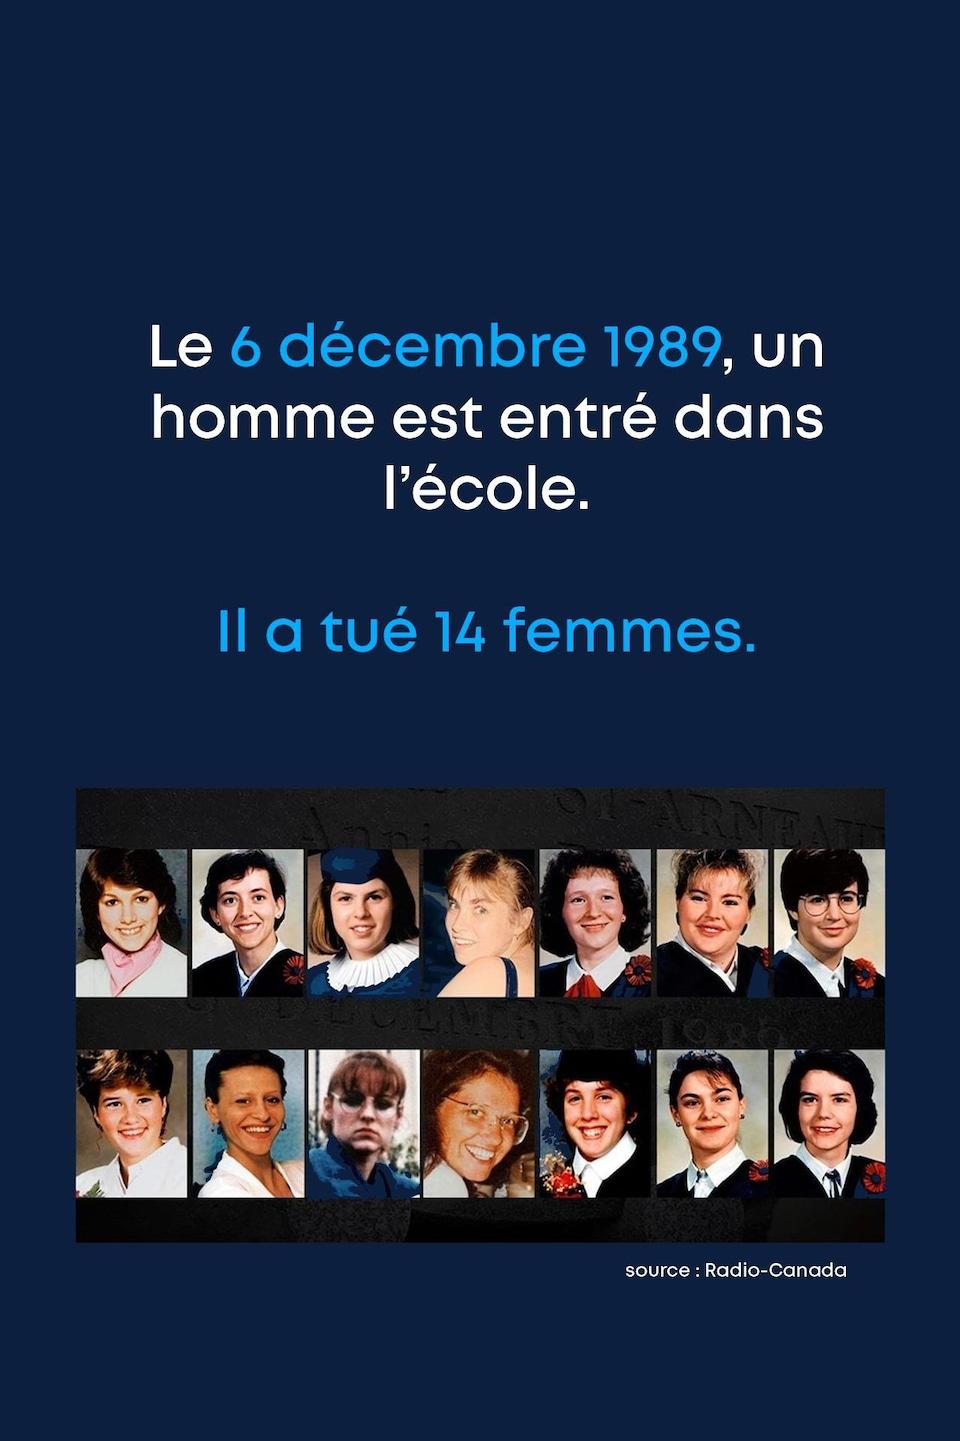 Le 6 décembre 1989, un homme est entré dans l'école. Il a tué 14 femmes.